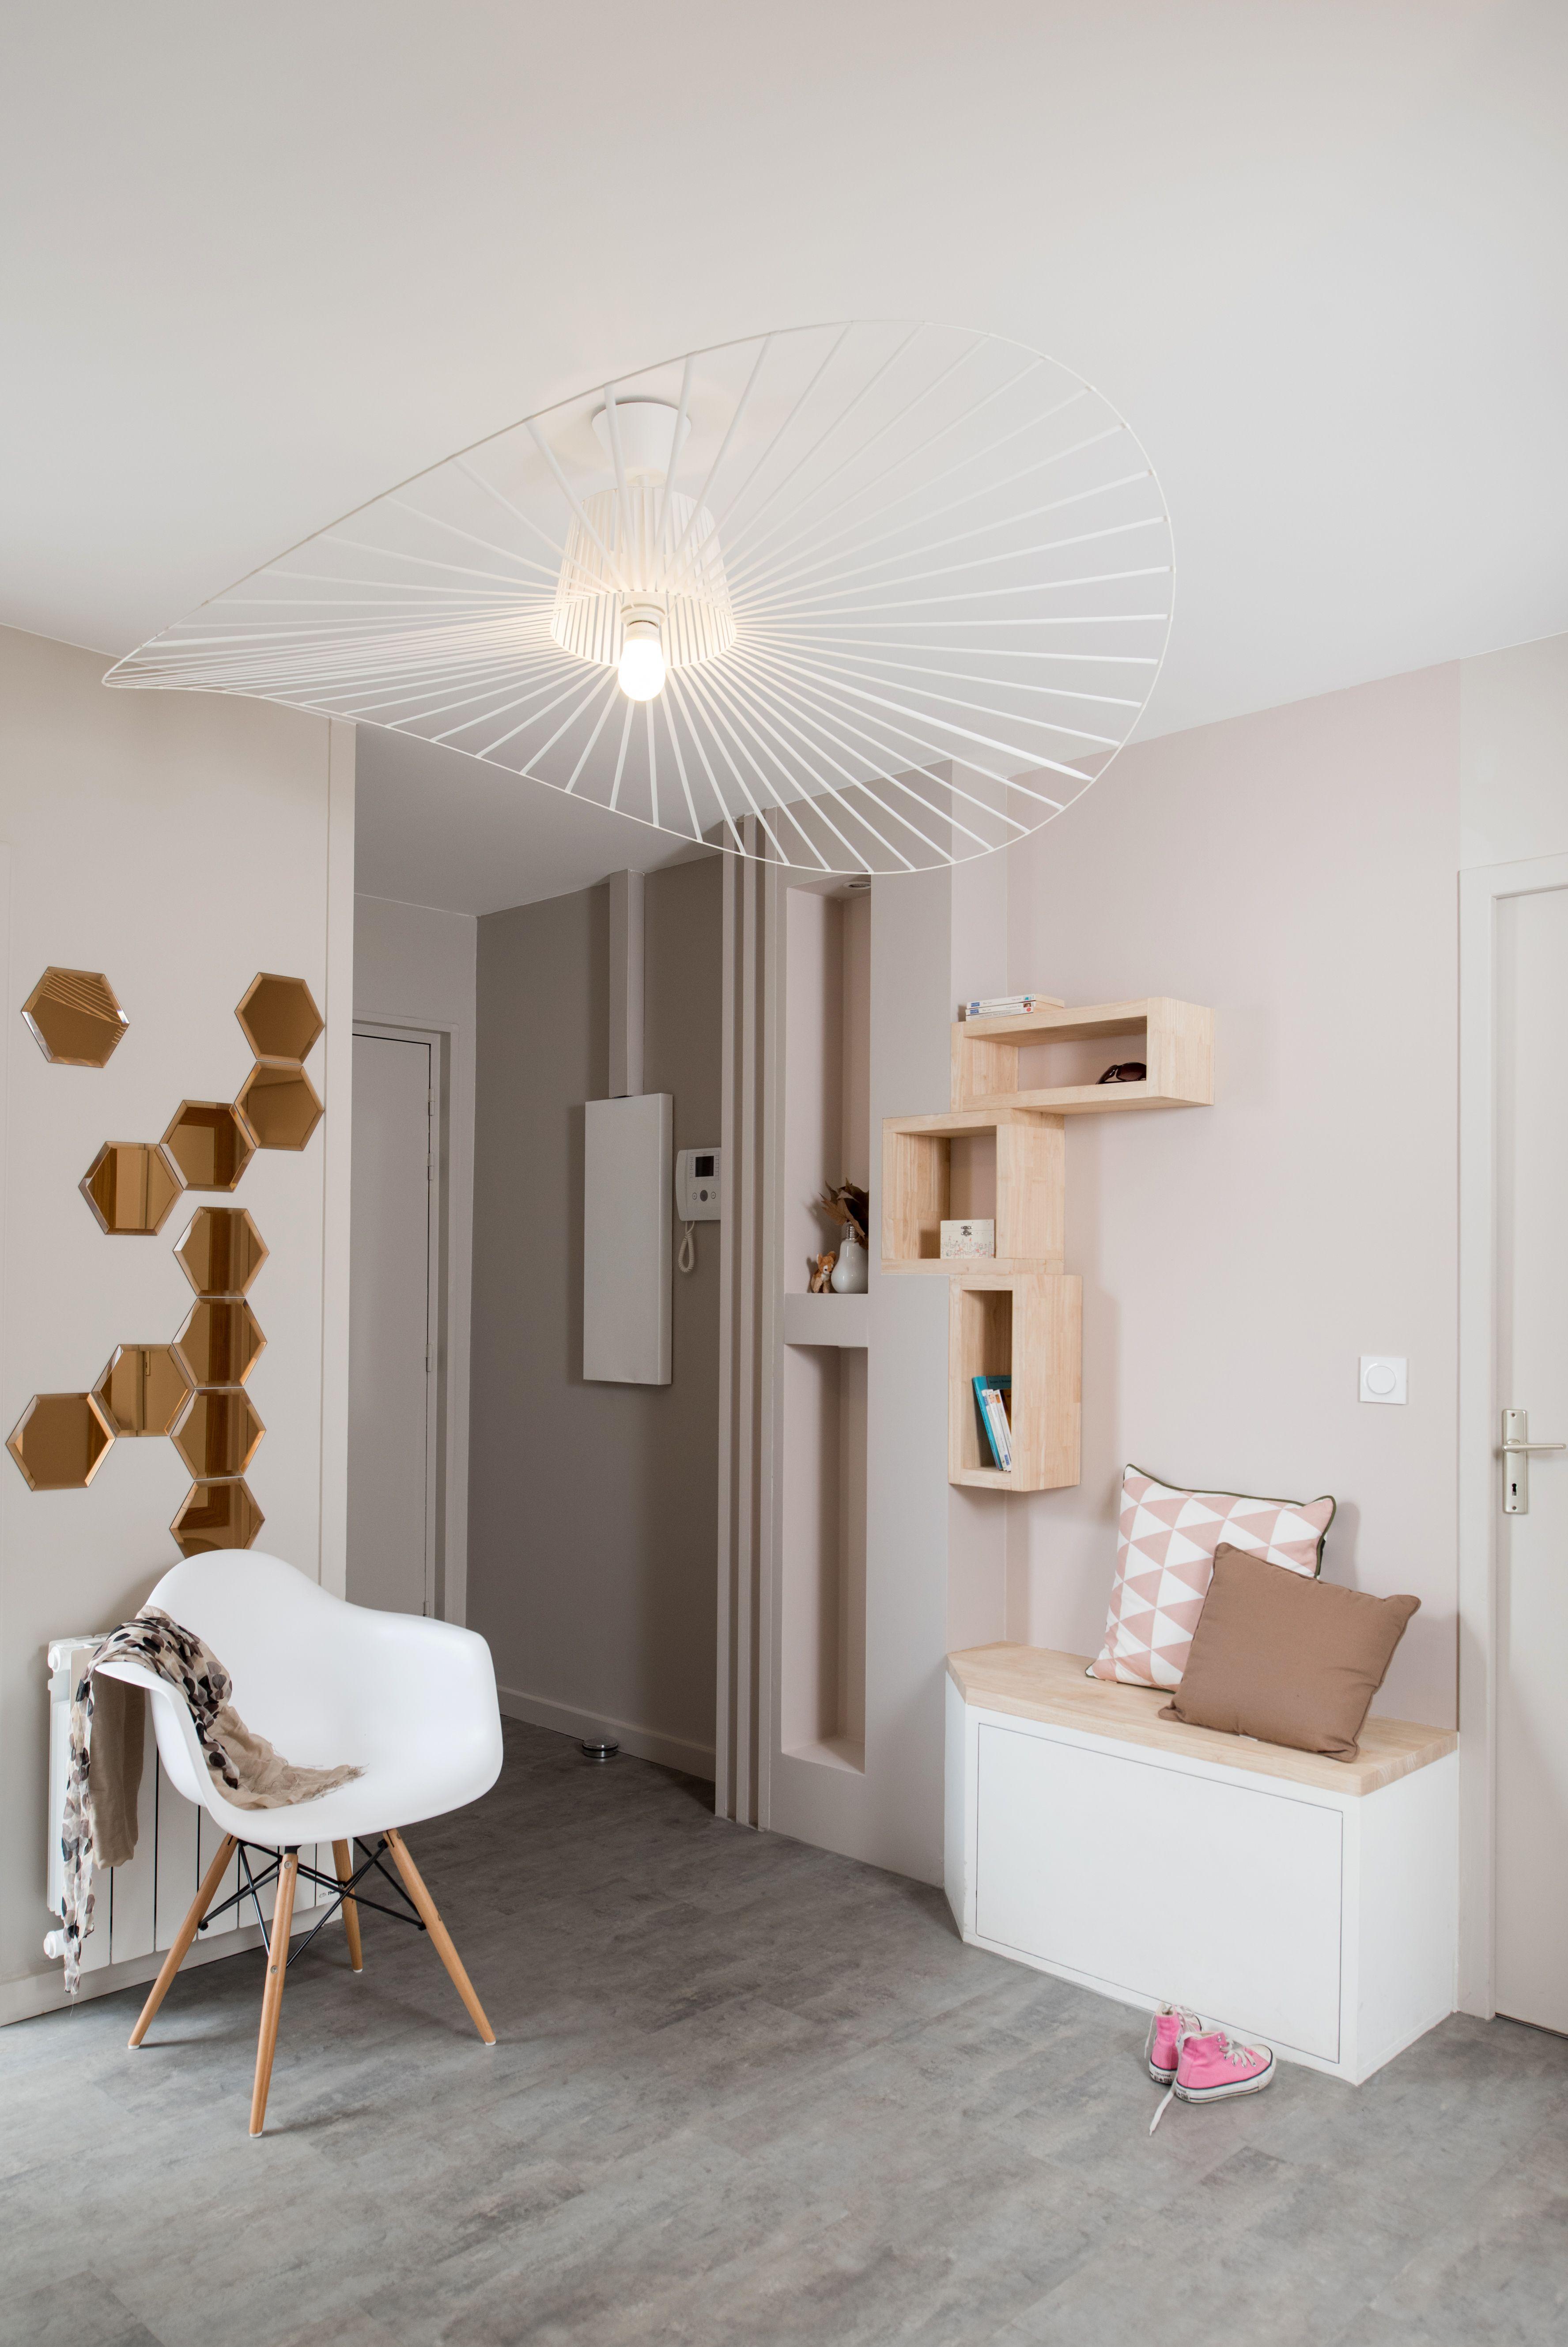 couleurs pastel et meubles en bois clair cette entr e d 39 un appartement lyonnais a t relook e. Black Bedroom Furniture Sets. Home Design Ideas